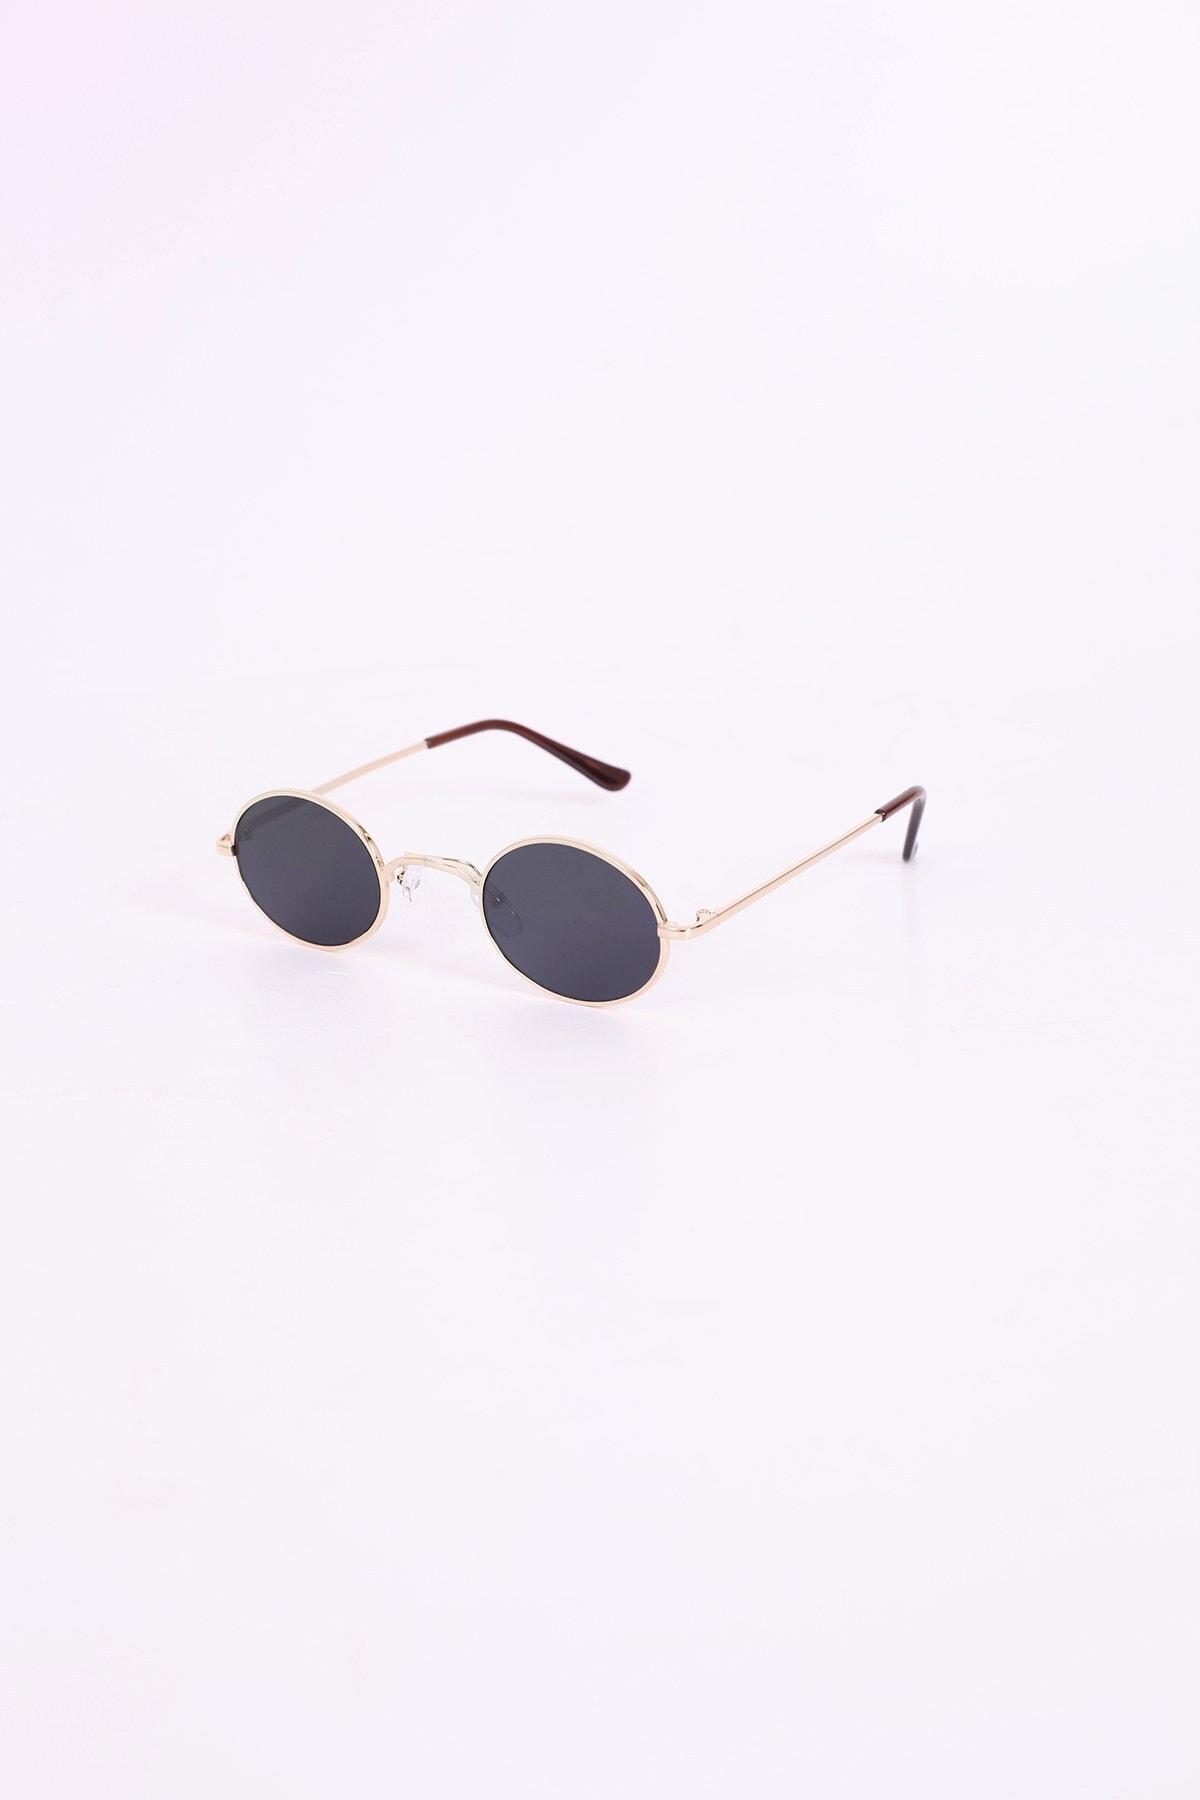 Vintage Oval Küçük Güneş Gözlüğü - Siyah Cam